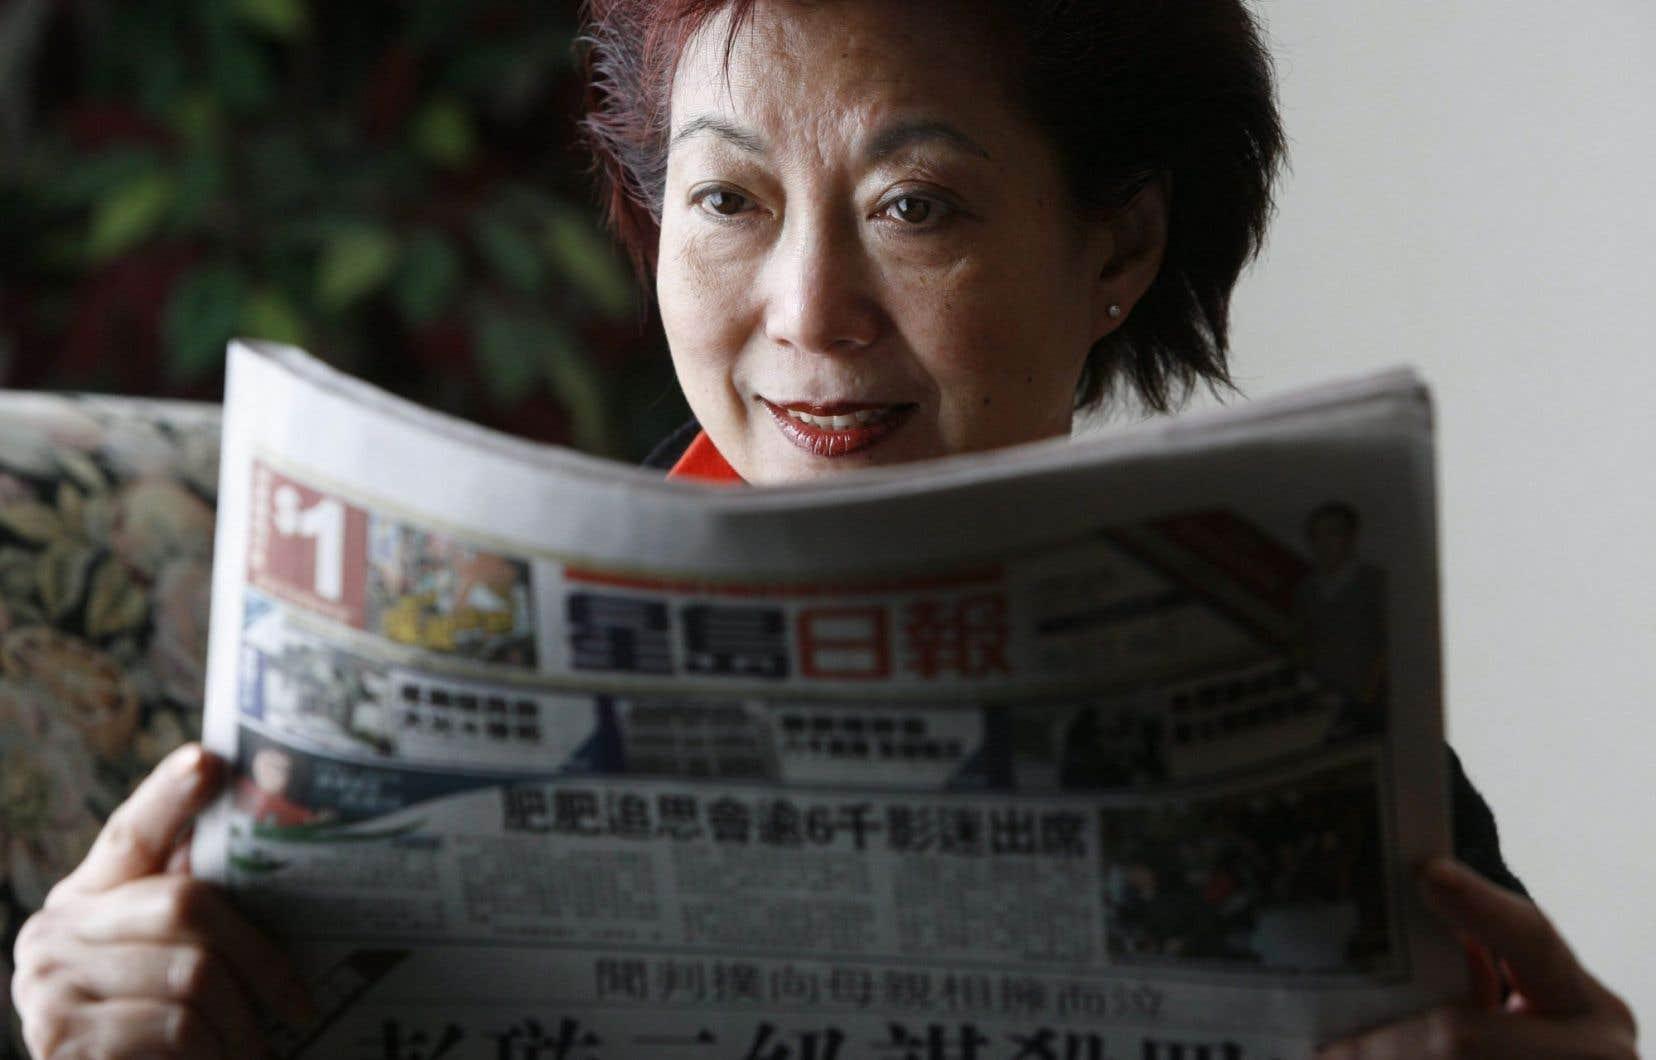 Près de 75 % des Canadiens d'origine chinoise ou sud-asiatique continuaient de lire ou d'écouter au moins une fois par semaine un média ethnique.